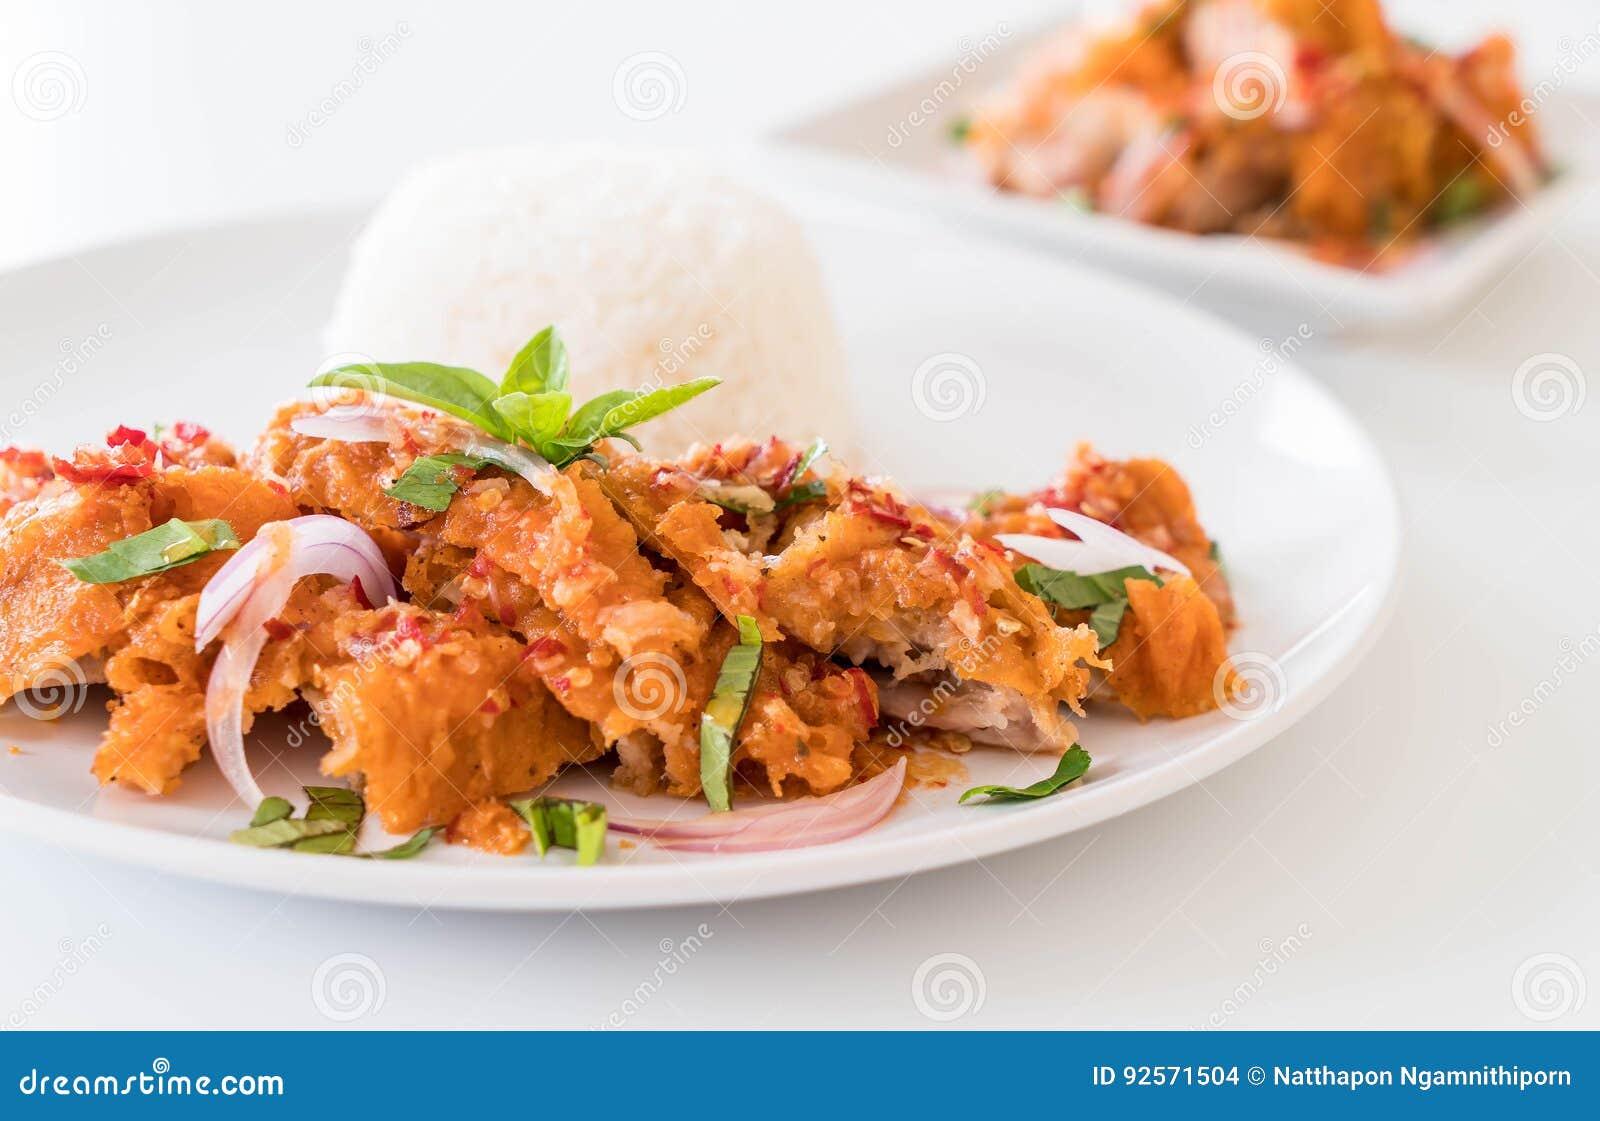 Insalata piccante con pollo fritto